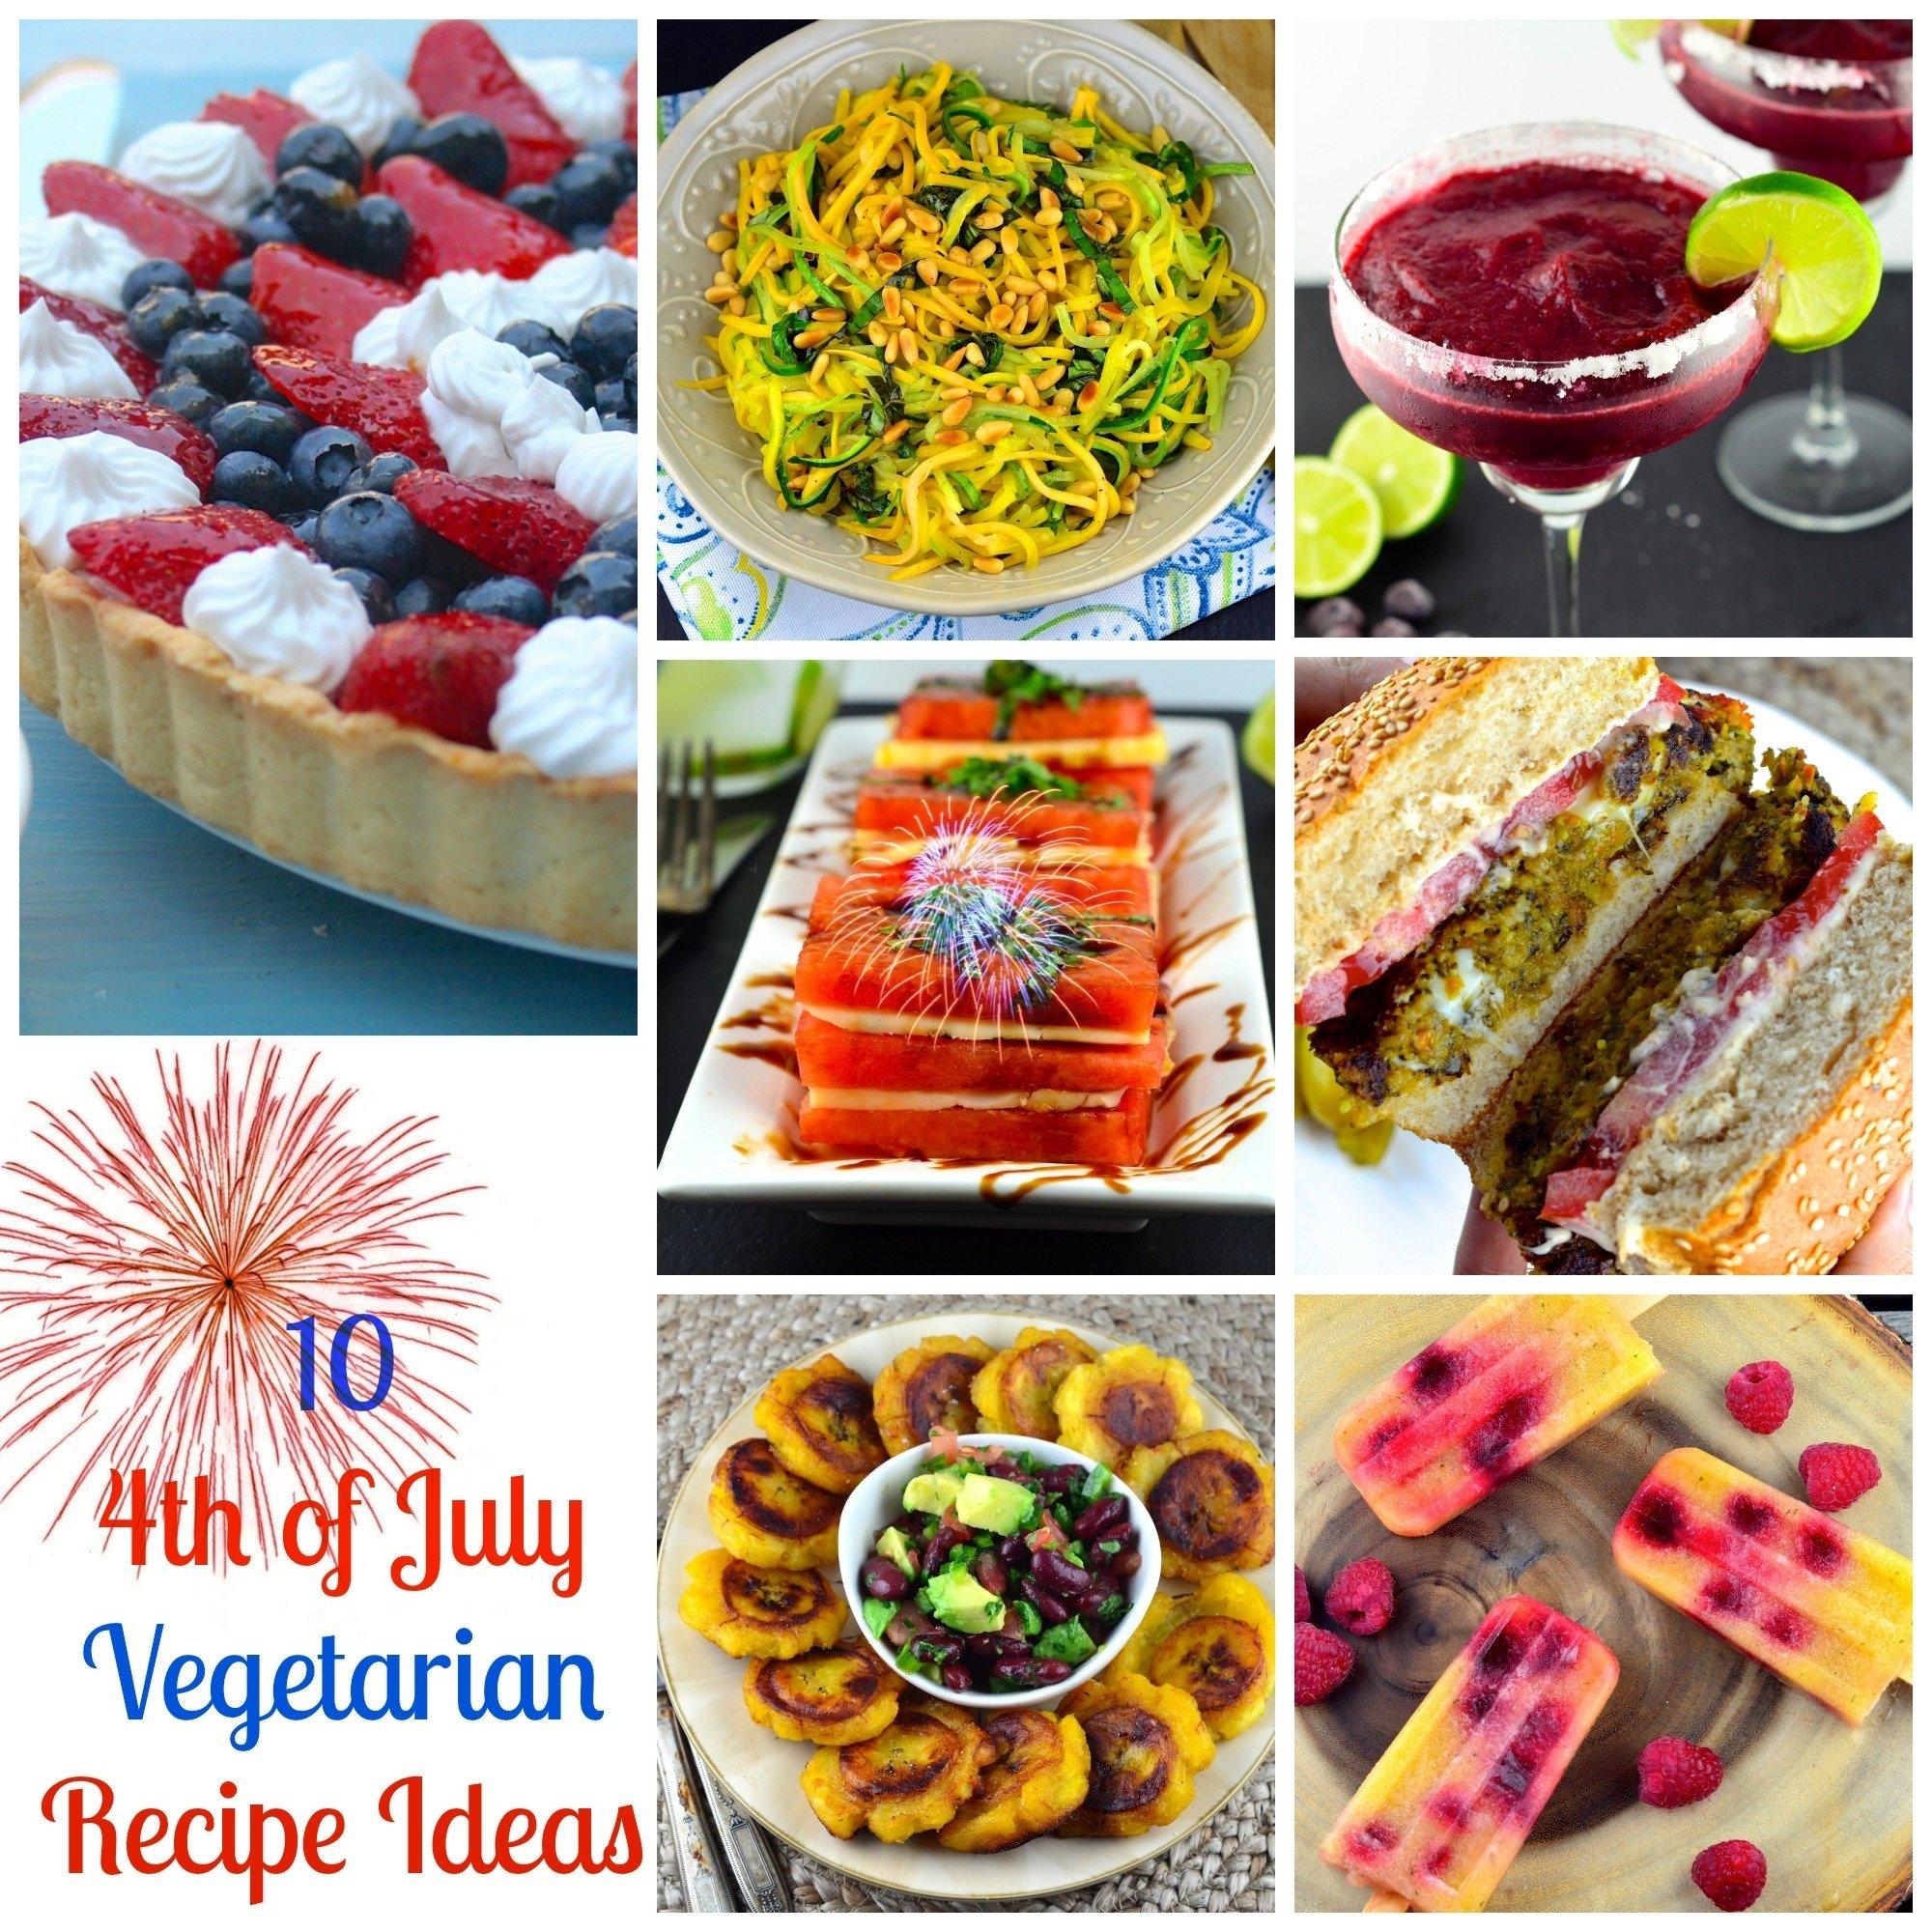 ten 4th of july vegetarian recipe ideas